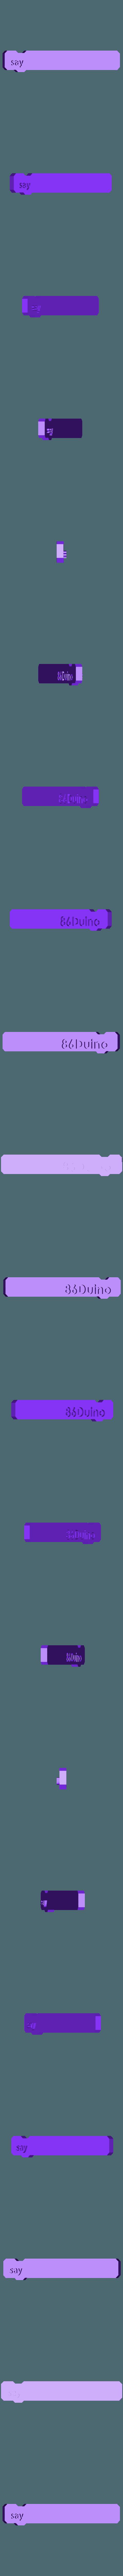 86Scratch-8.STL Download free STL file 86Duino Scratch block • 3D print model, 86Duino